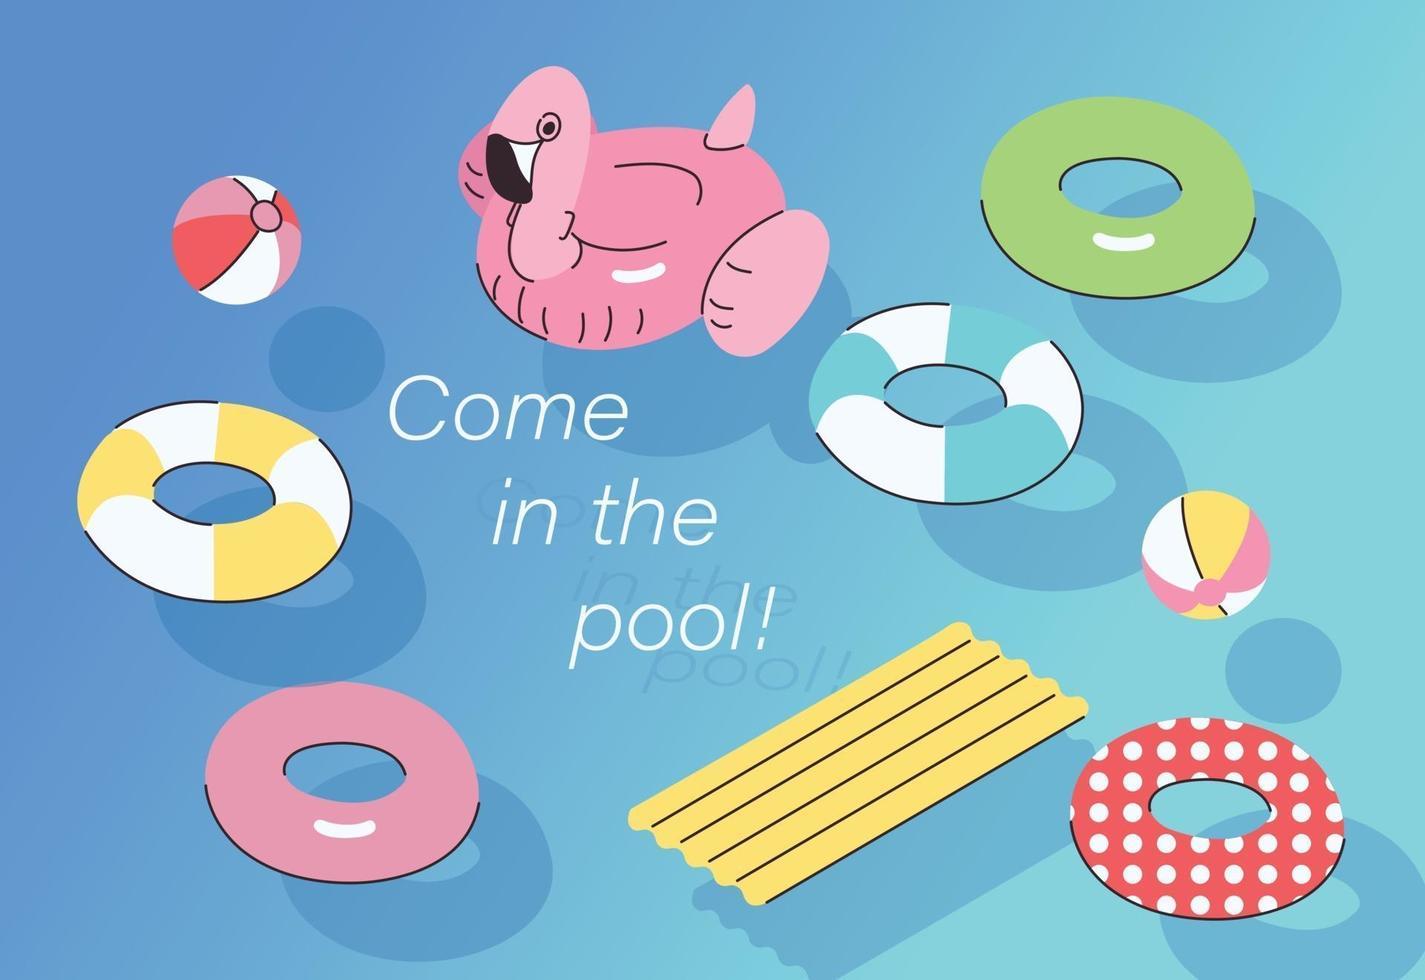 zomer waterspelletjes. hand getrokken stijl vector ontwerp illustraties.